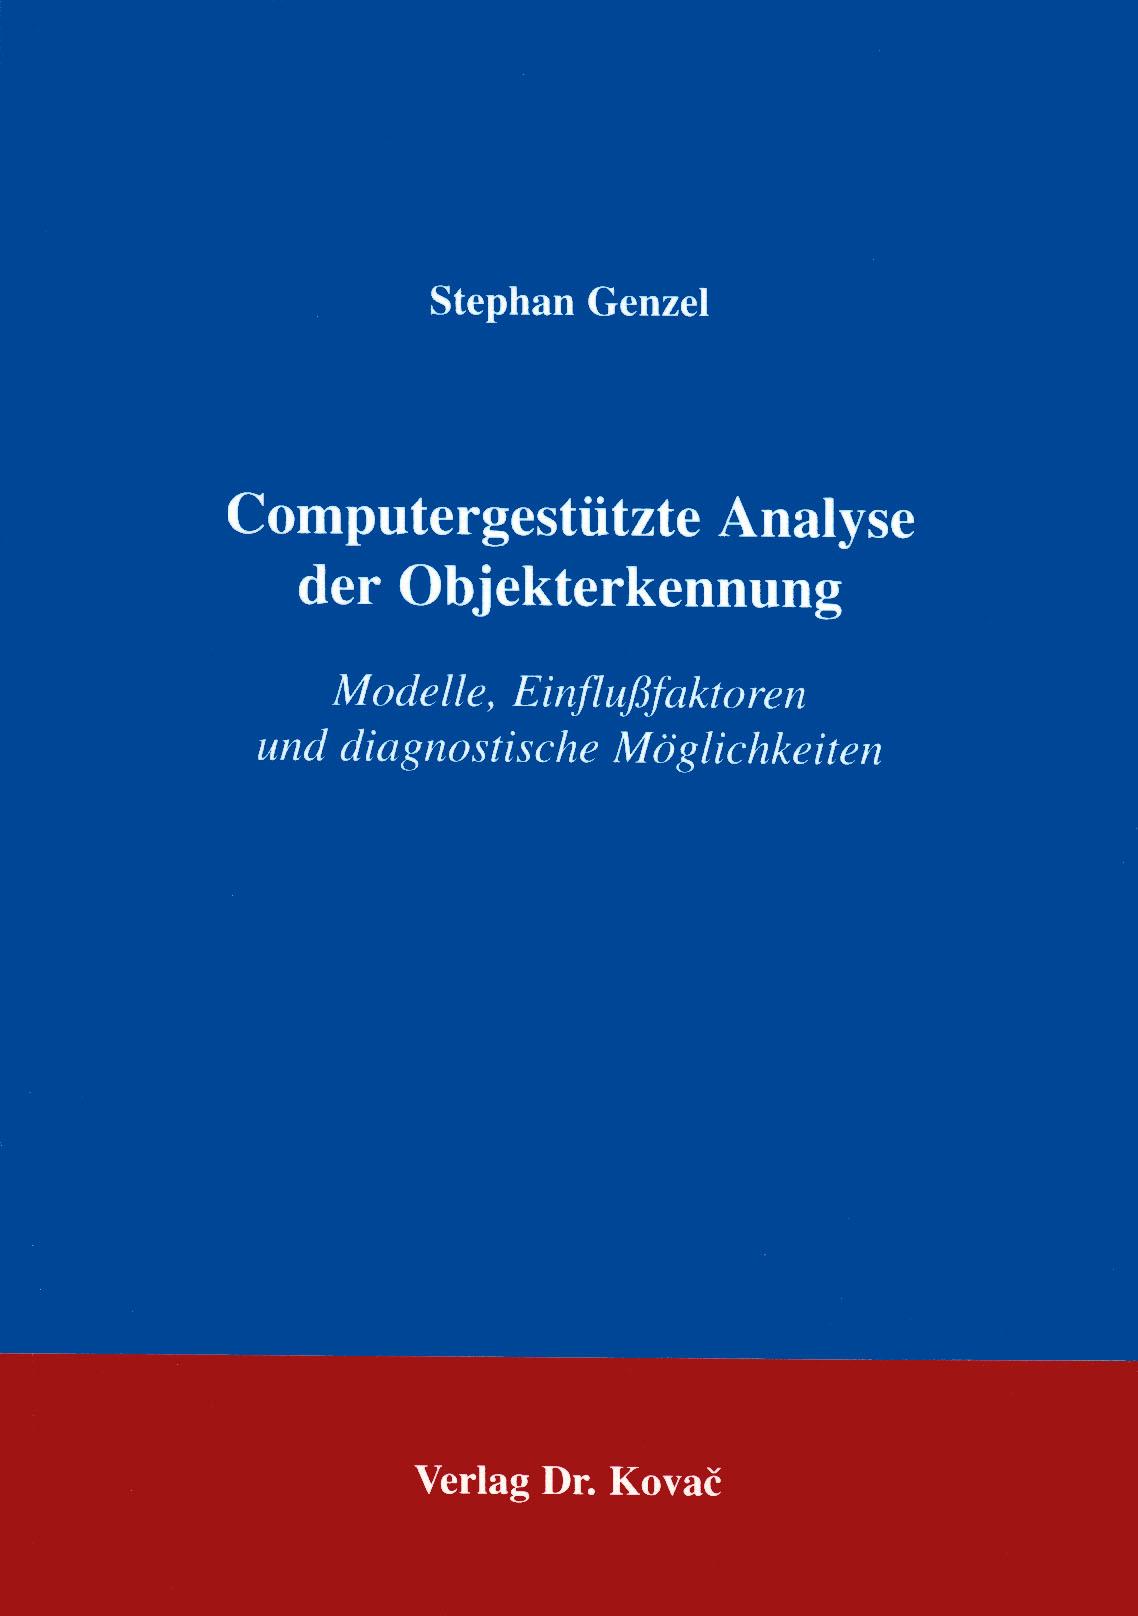 Cover: Computergestützte Analyse der Objekterkennung